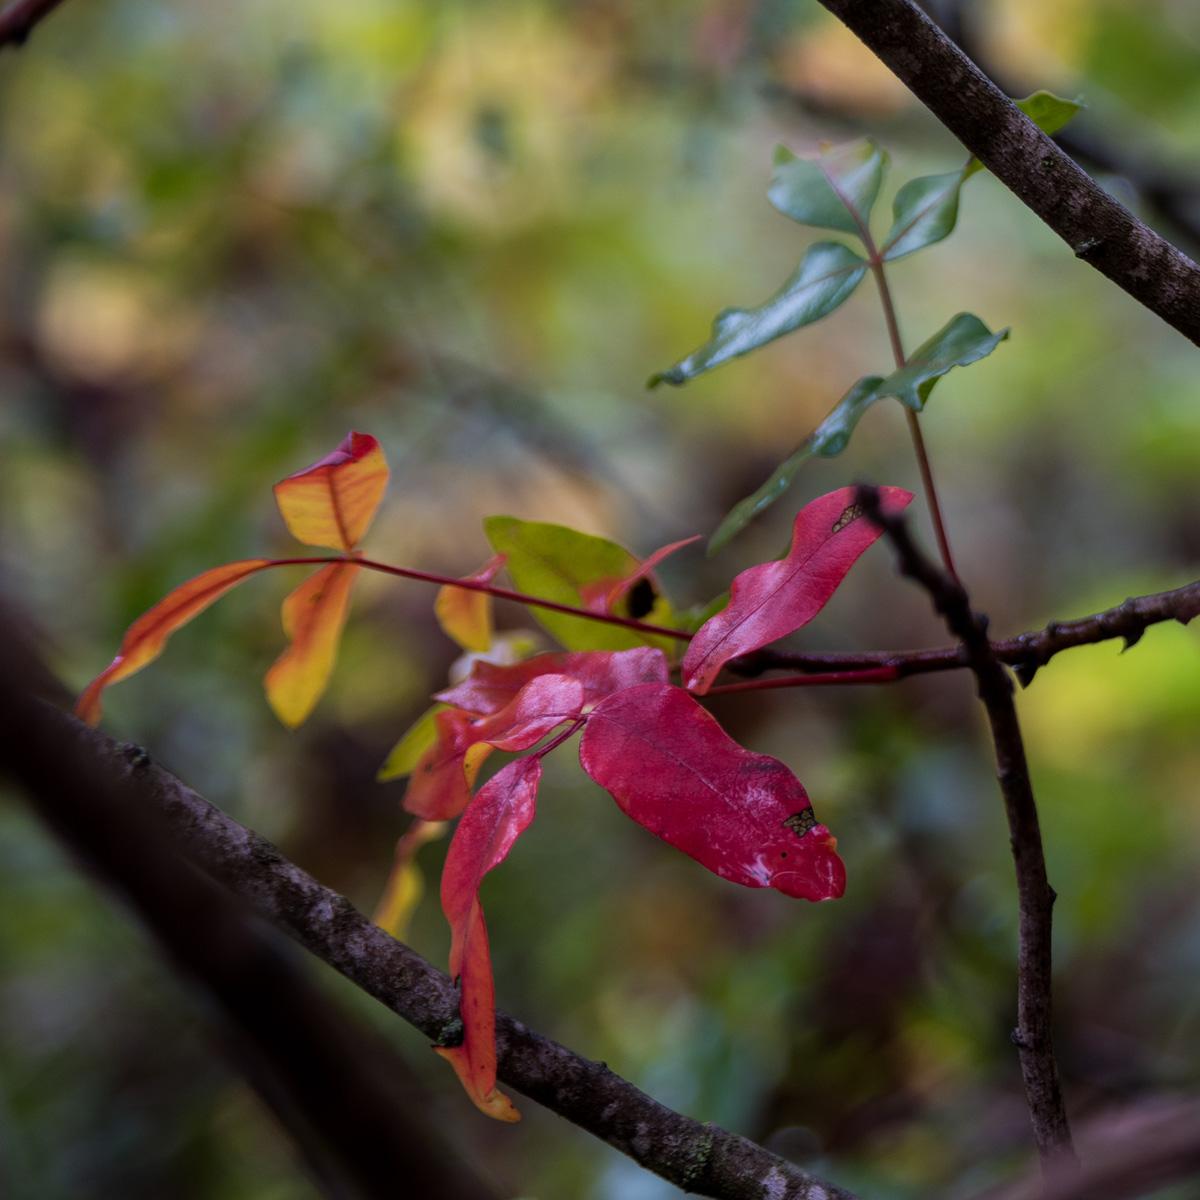 Fall_Foliage_16.jpg